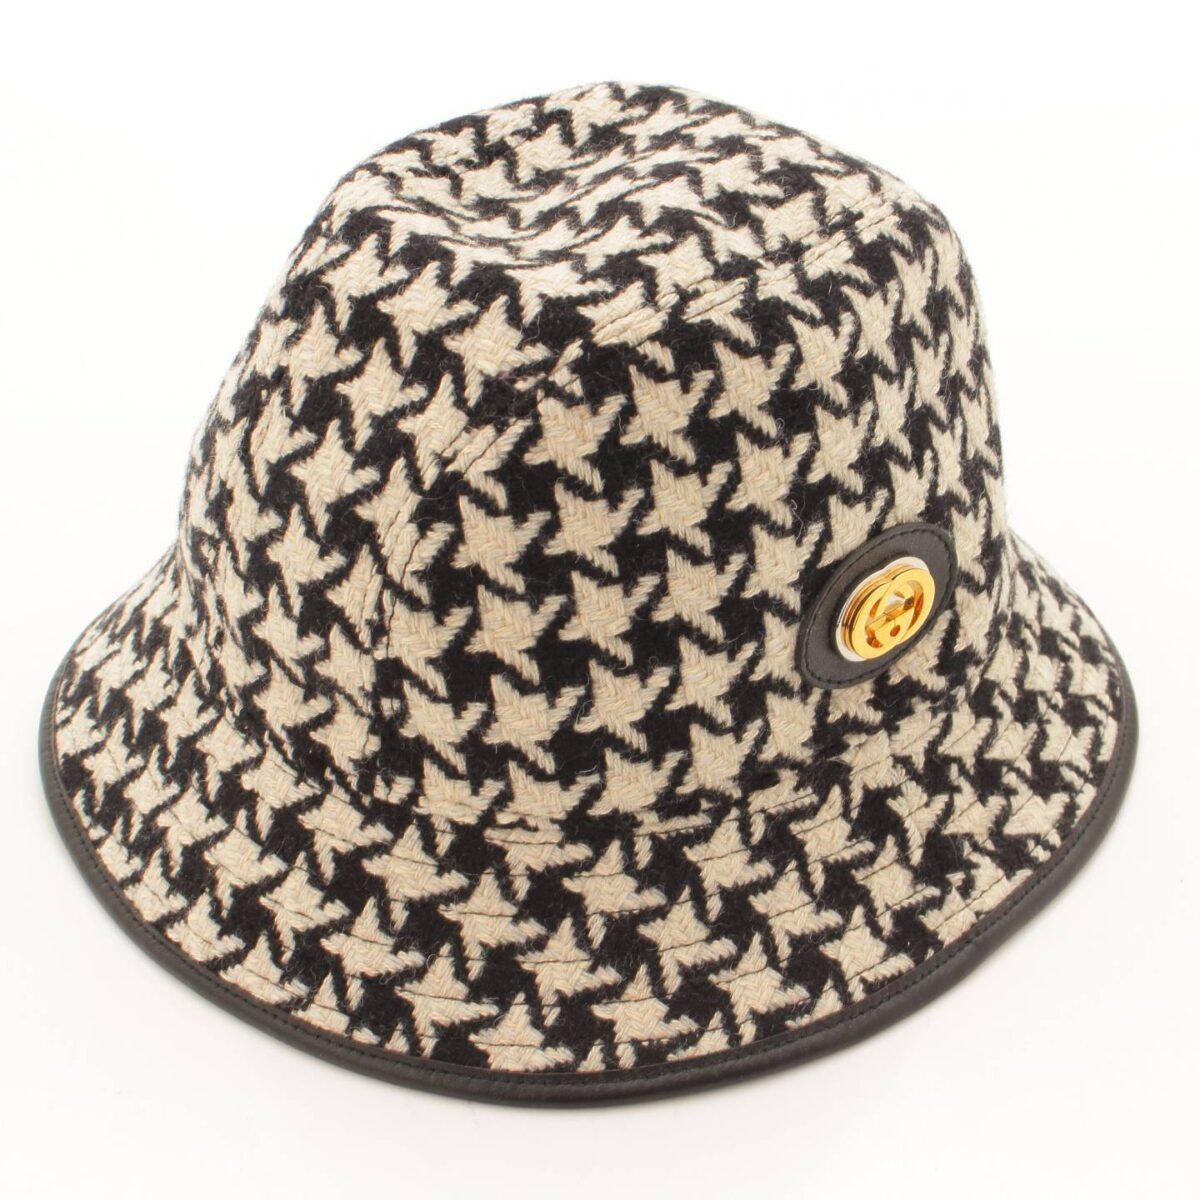 グッチ 千鳥柄 レザーパイピング ツイード バケット ハット 帽子 577731 ブラック ホワイト